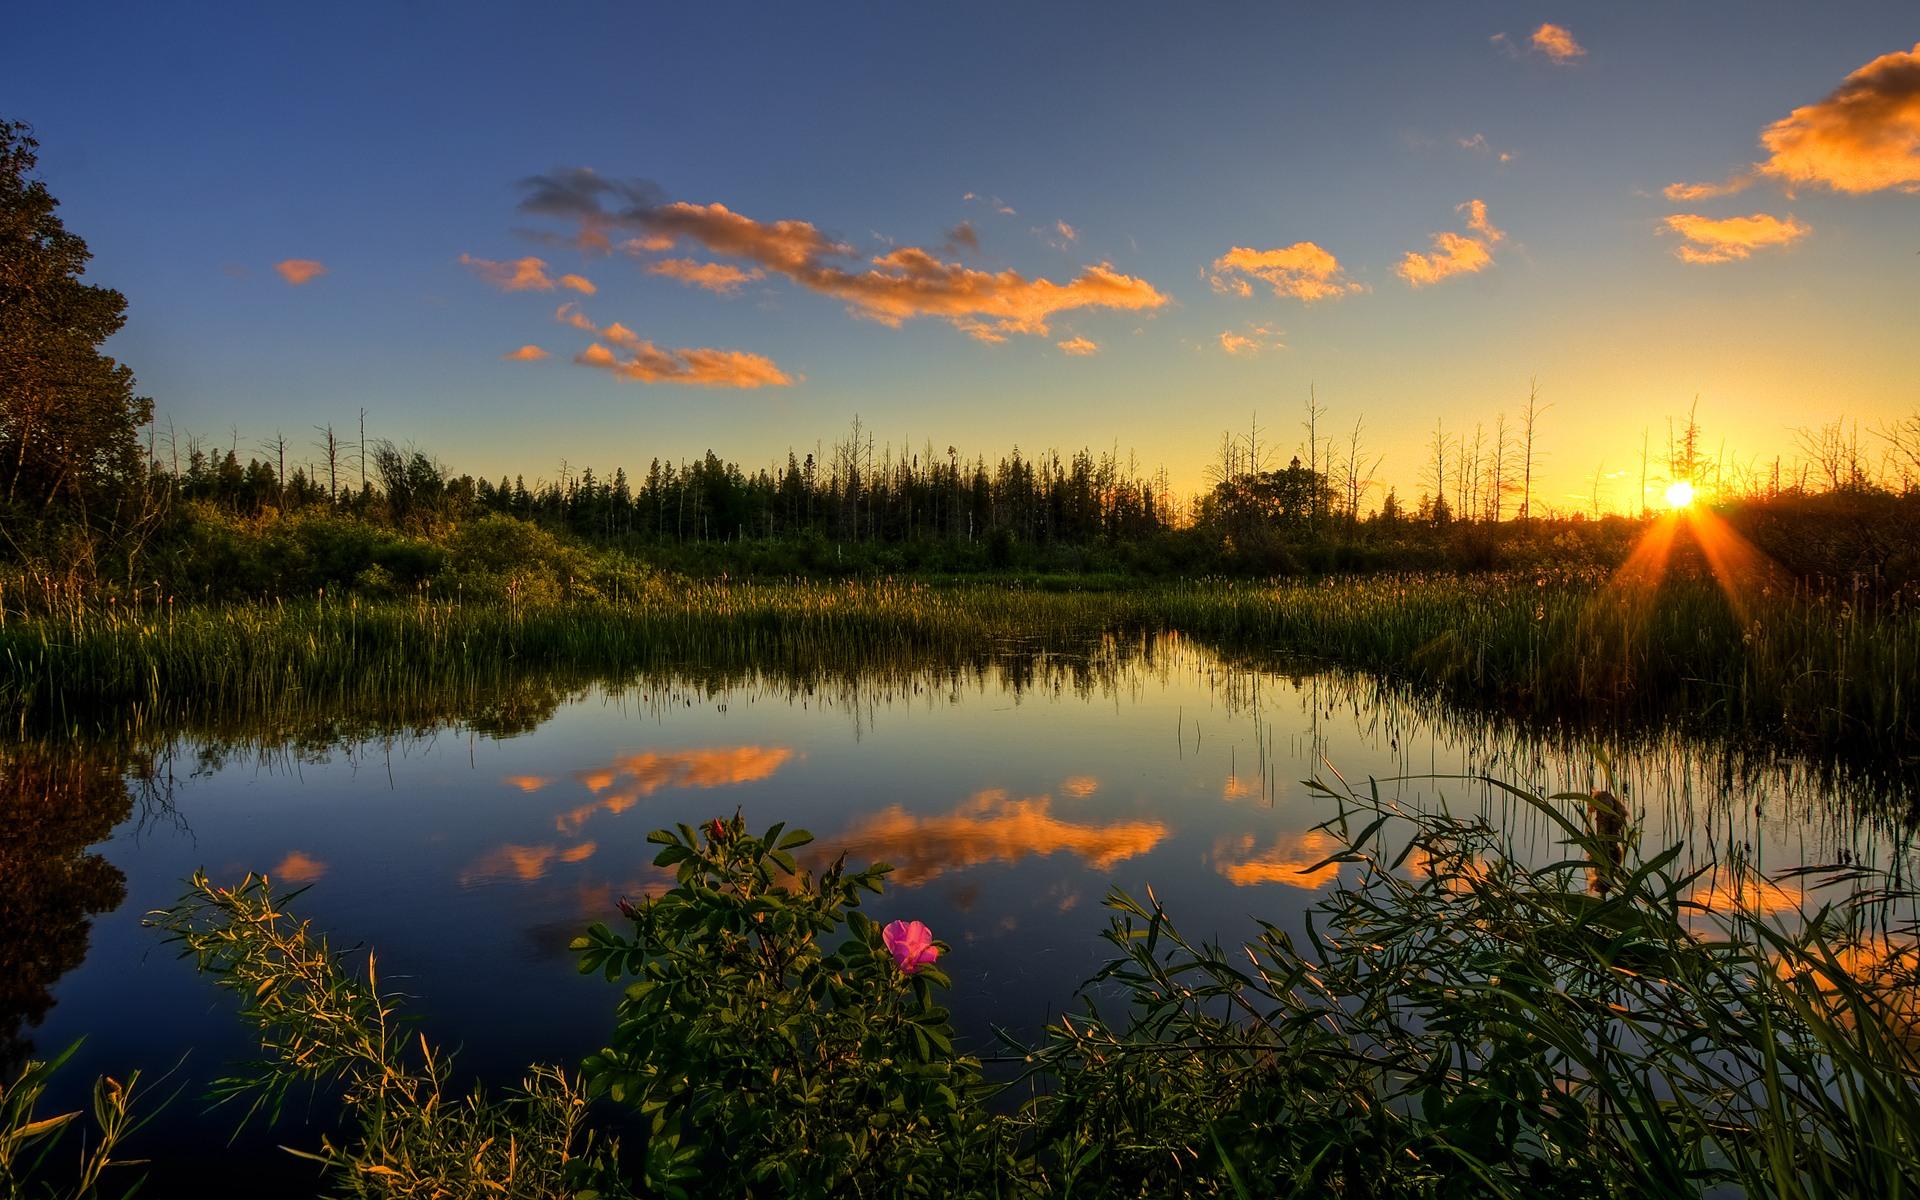 Peaceful Sunset desktop wallpaper 1920x1200